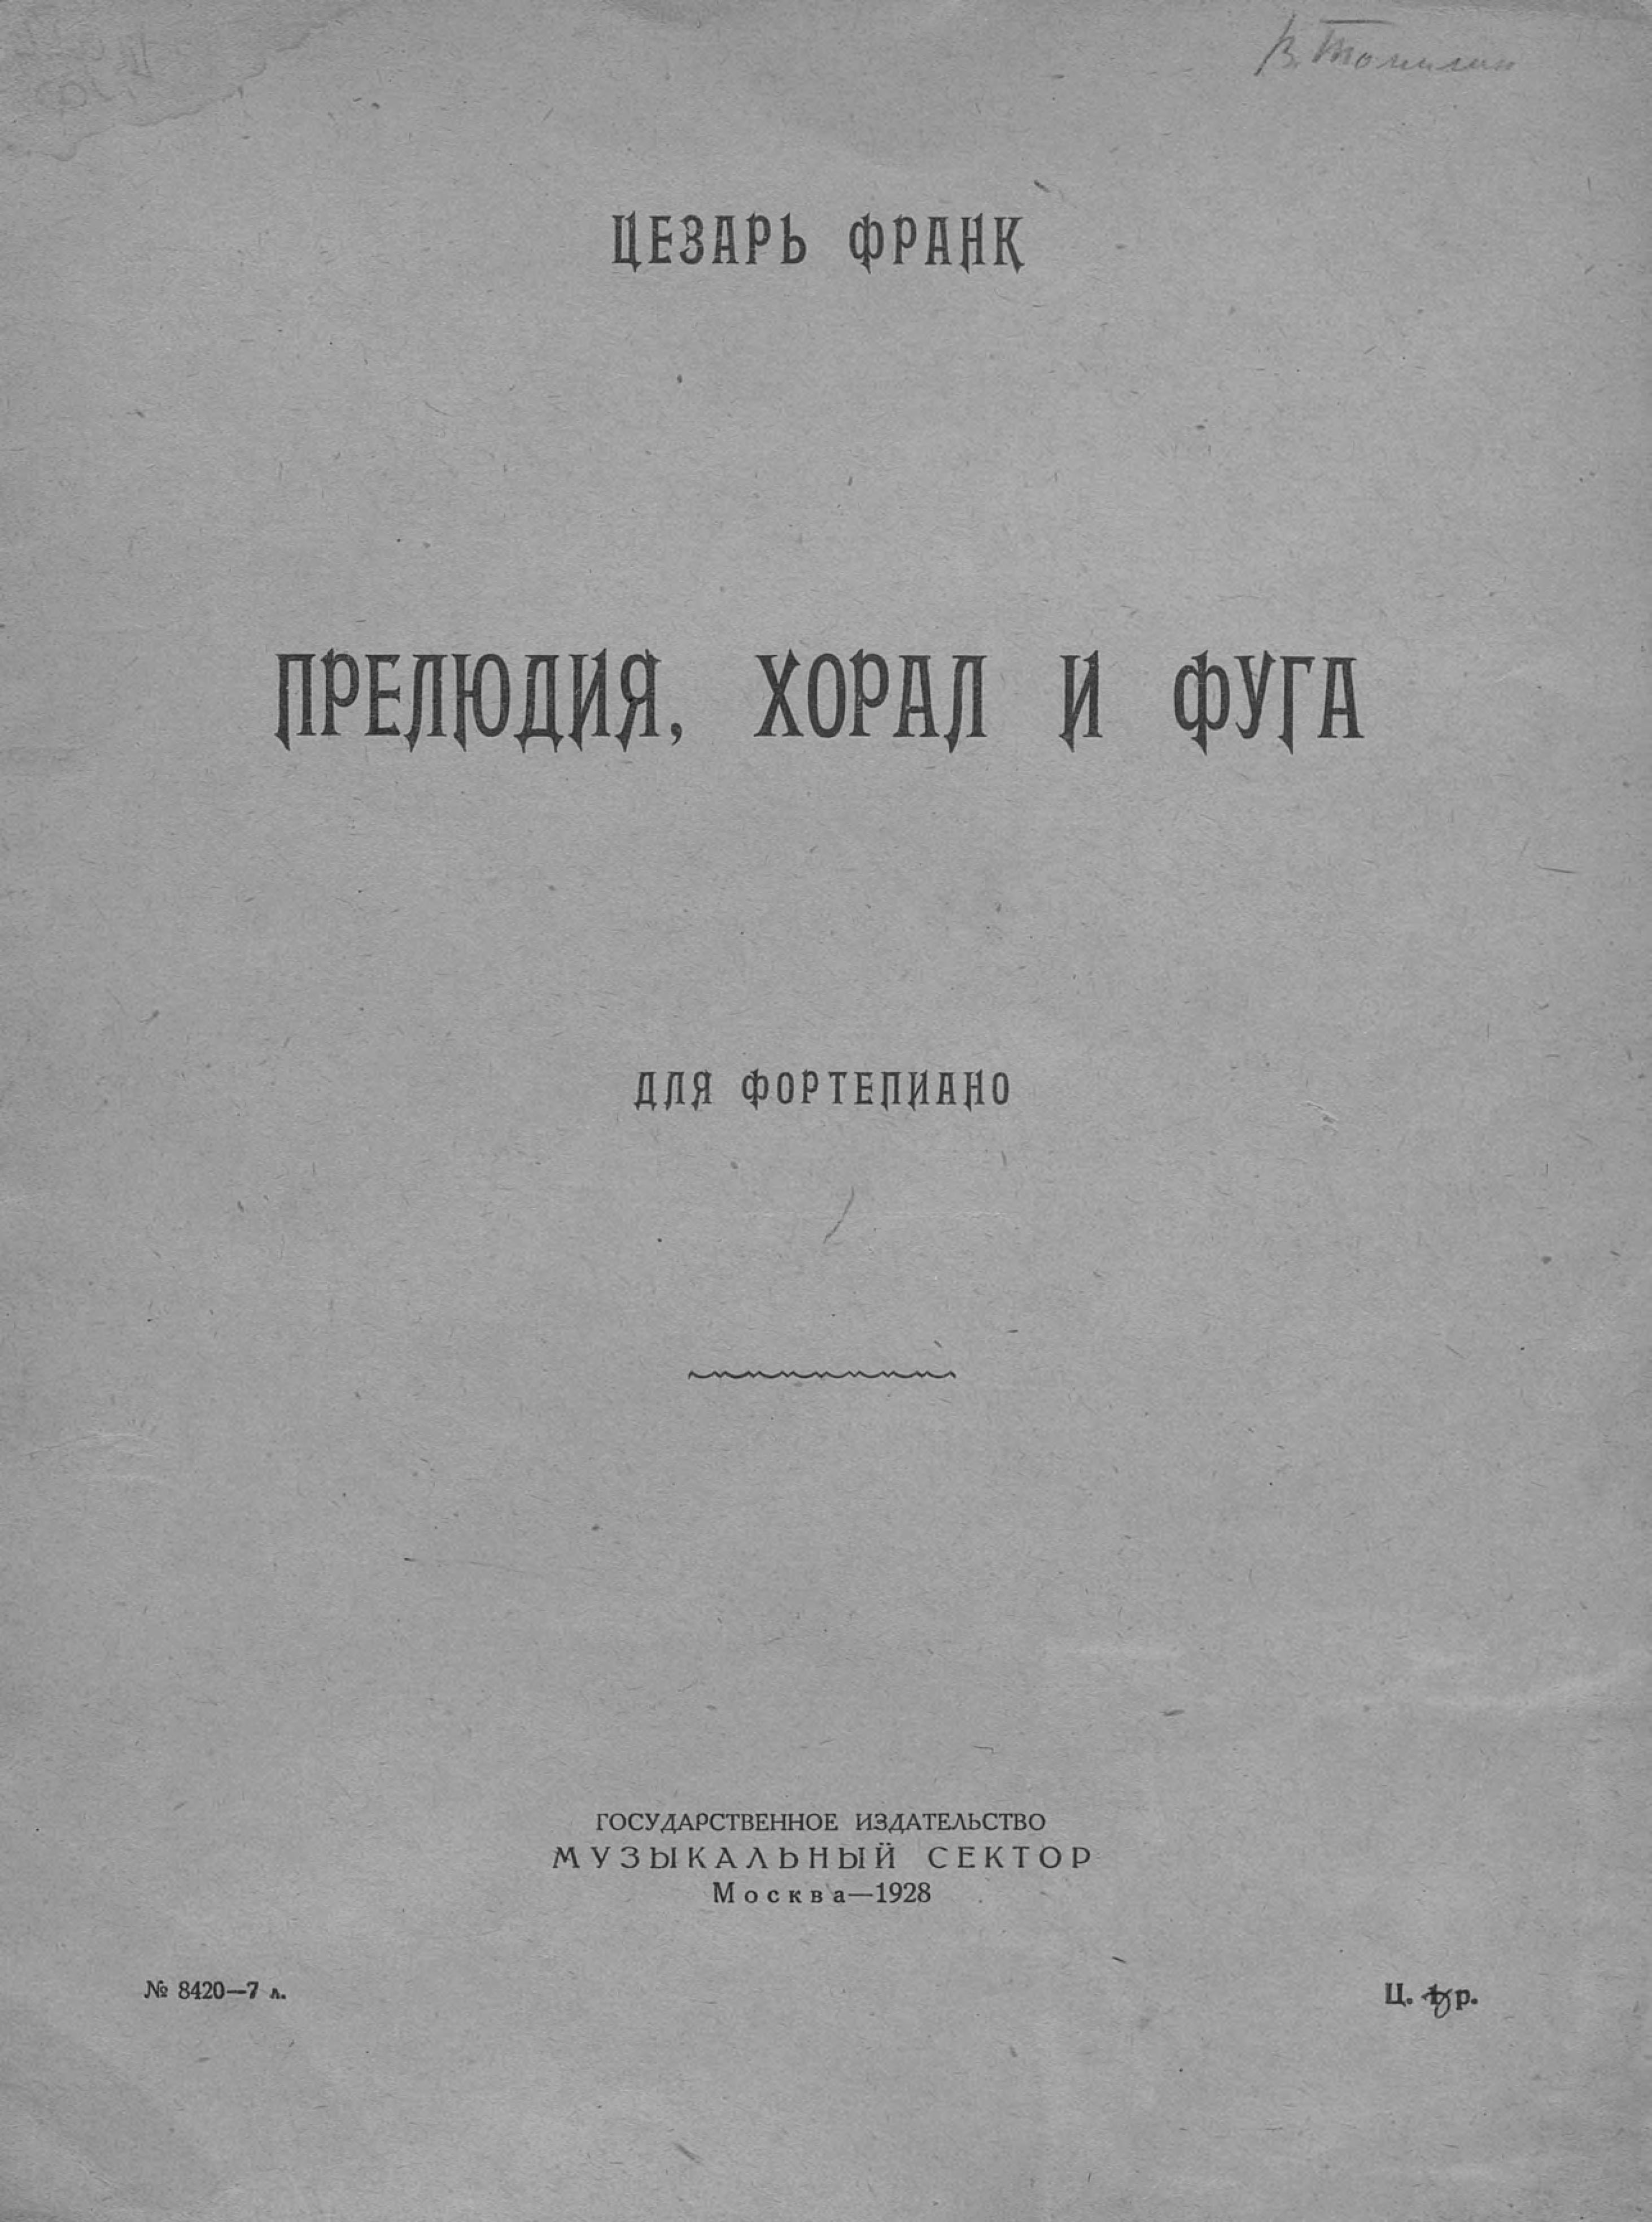 Сезар Франк Прелюдия, хорал и фуга стоимость